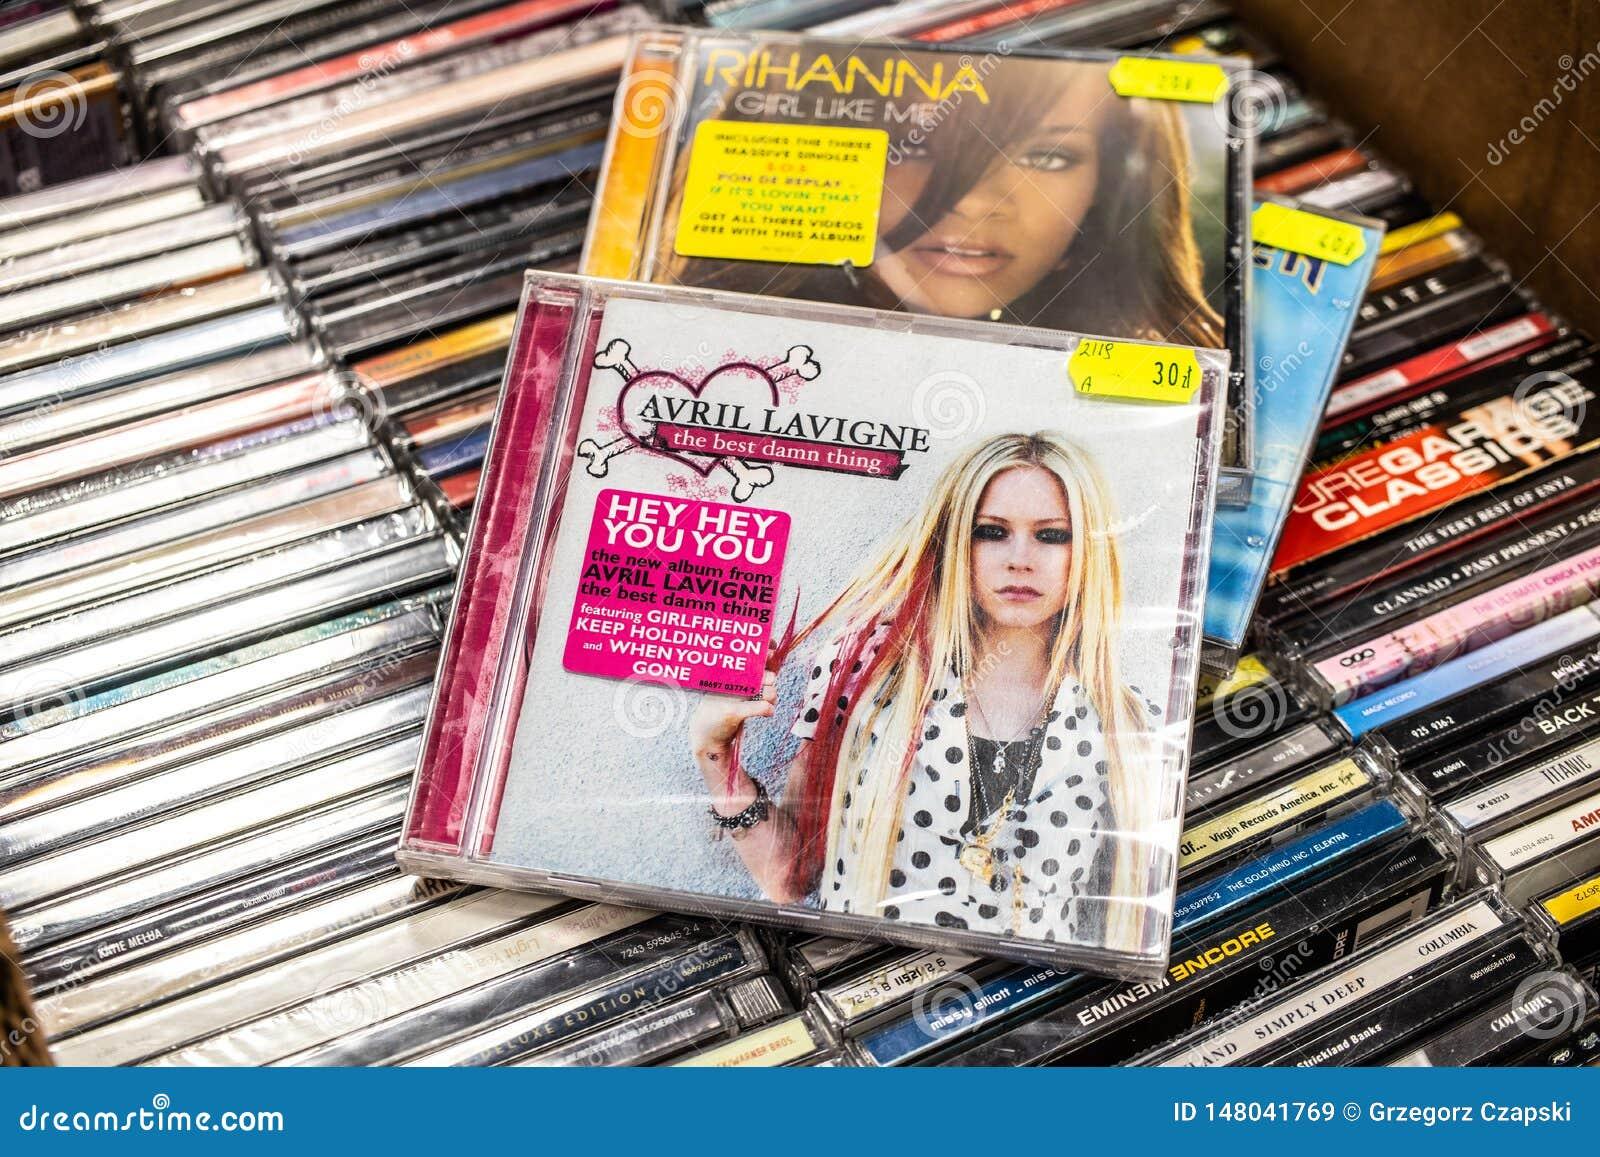 ?lbum del CD de Avril Lavigne la mejor cosa maldita 2007 en la exhibici?n en venta, cantante canadiense famoso, compositor